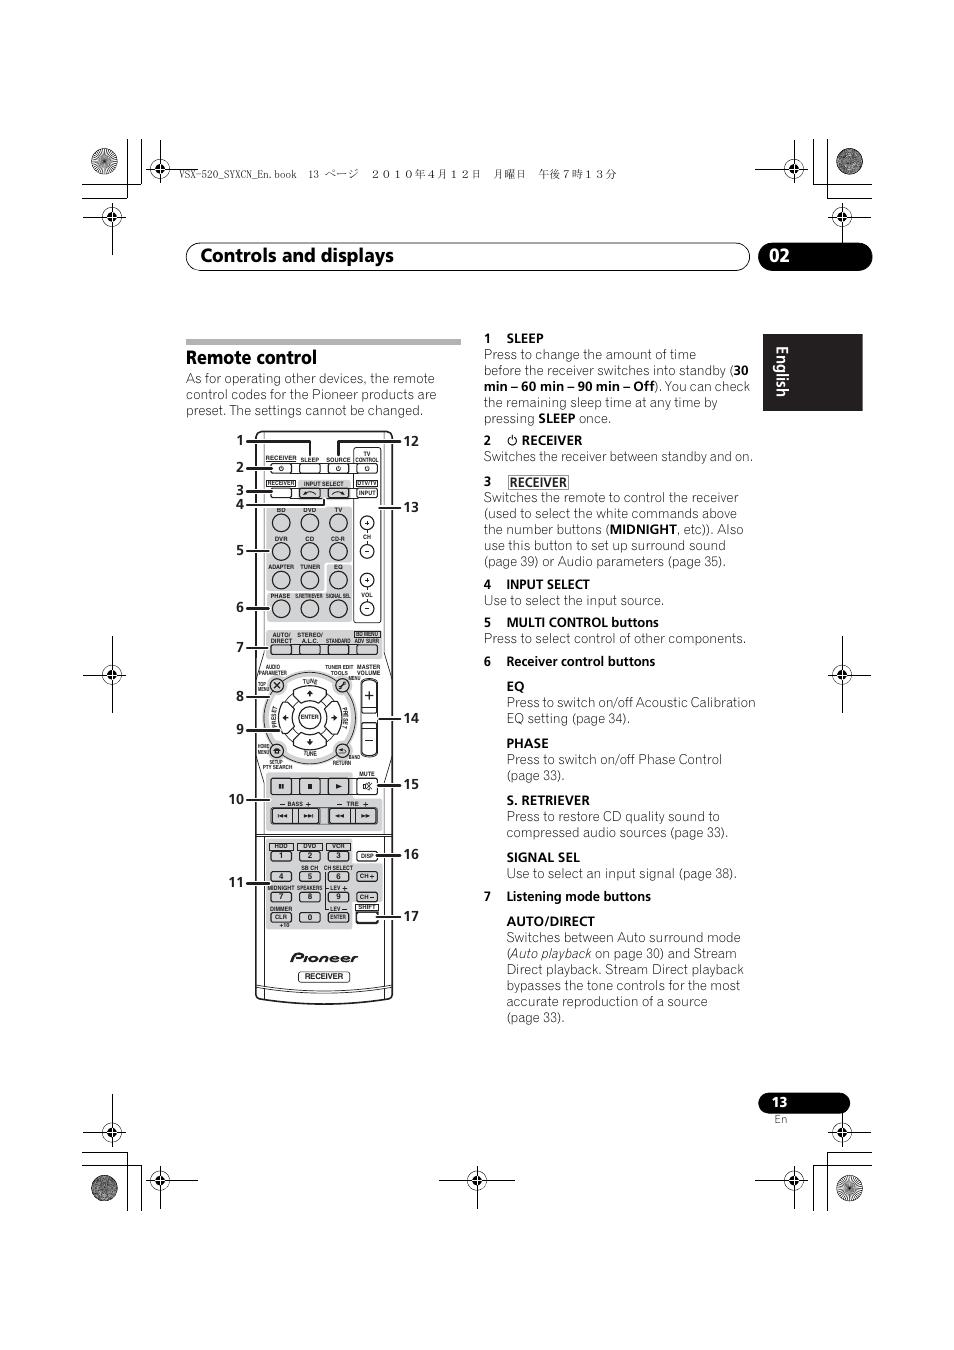 Remote control, Controls and displays 02, English français